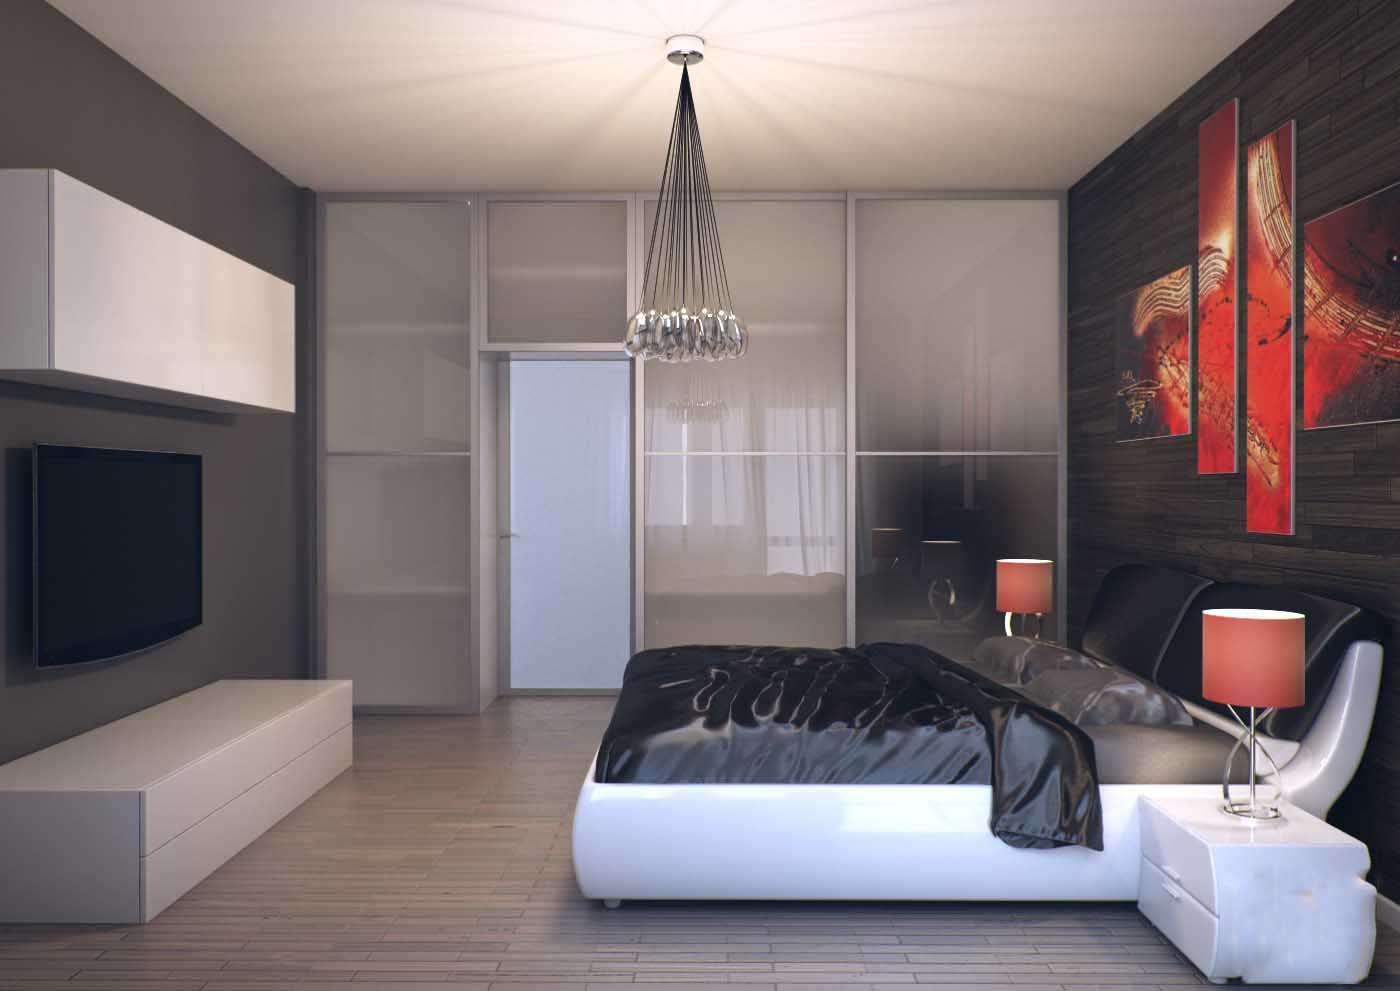 Маленькая спальня в стиле хай тек